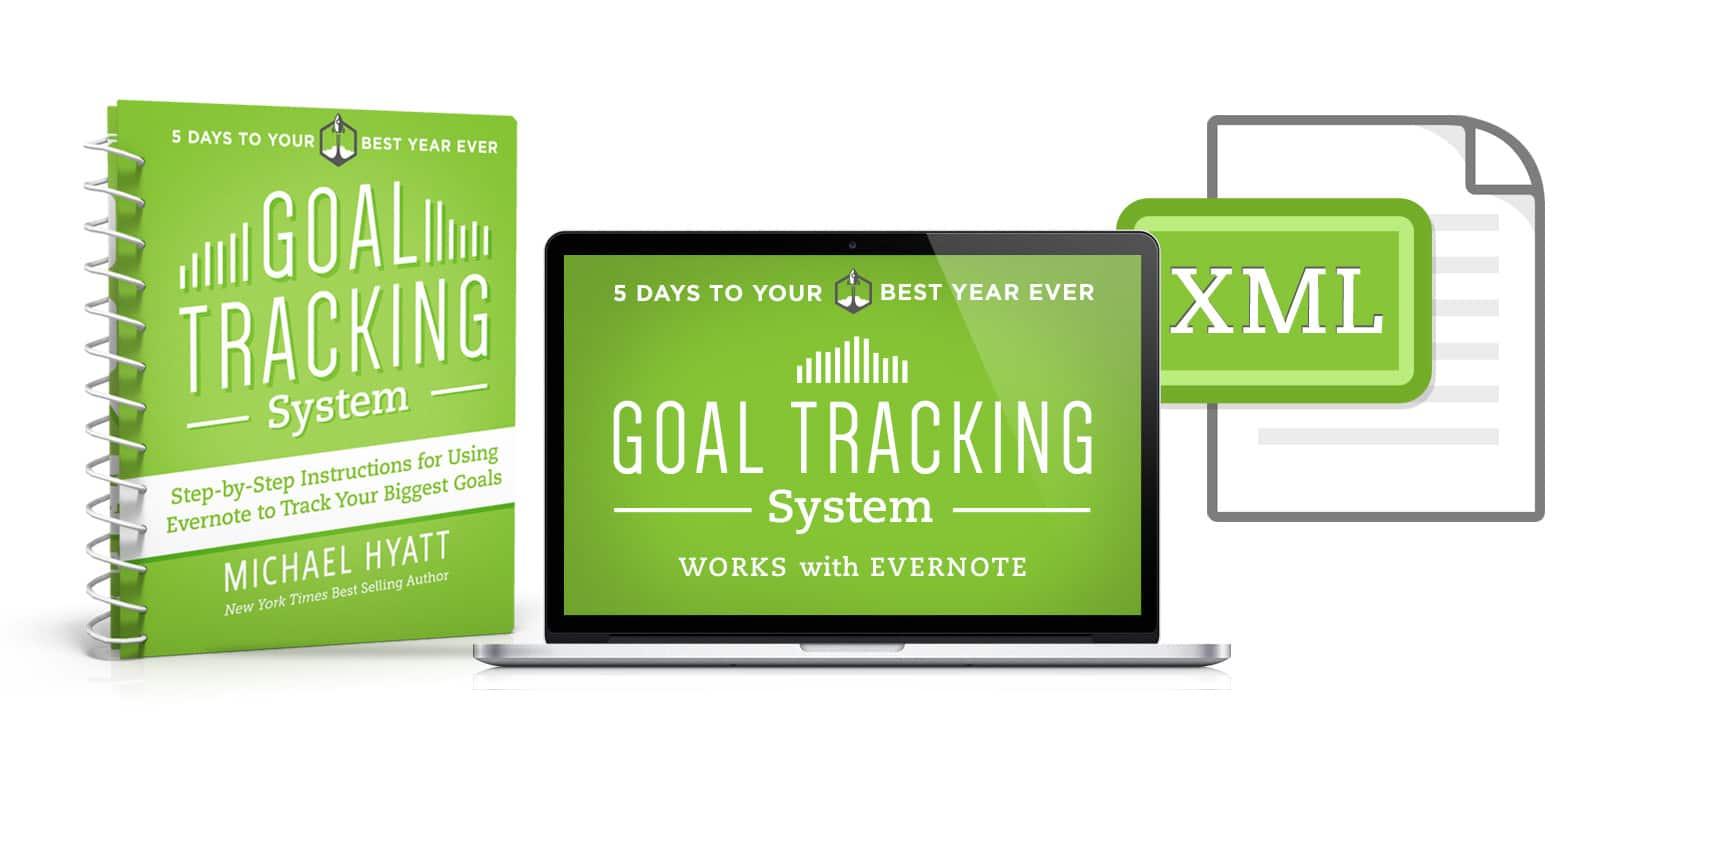 Evernote-Goal-Tracking-Full-Mockup-(White-BG)